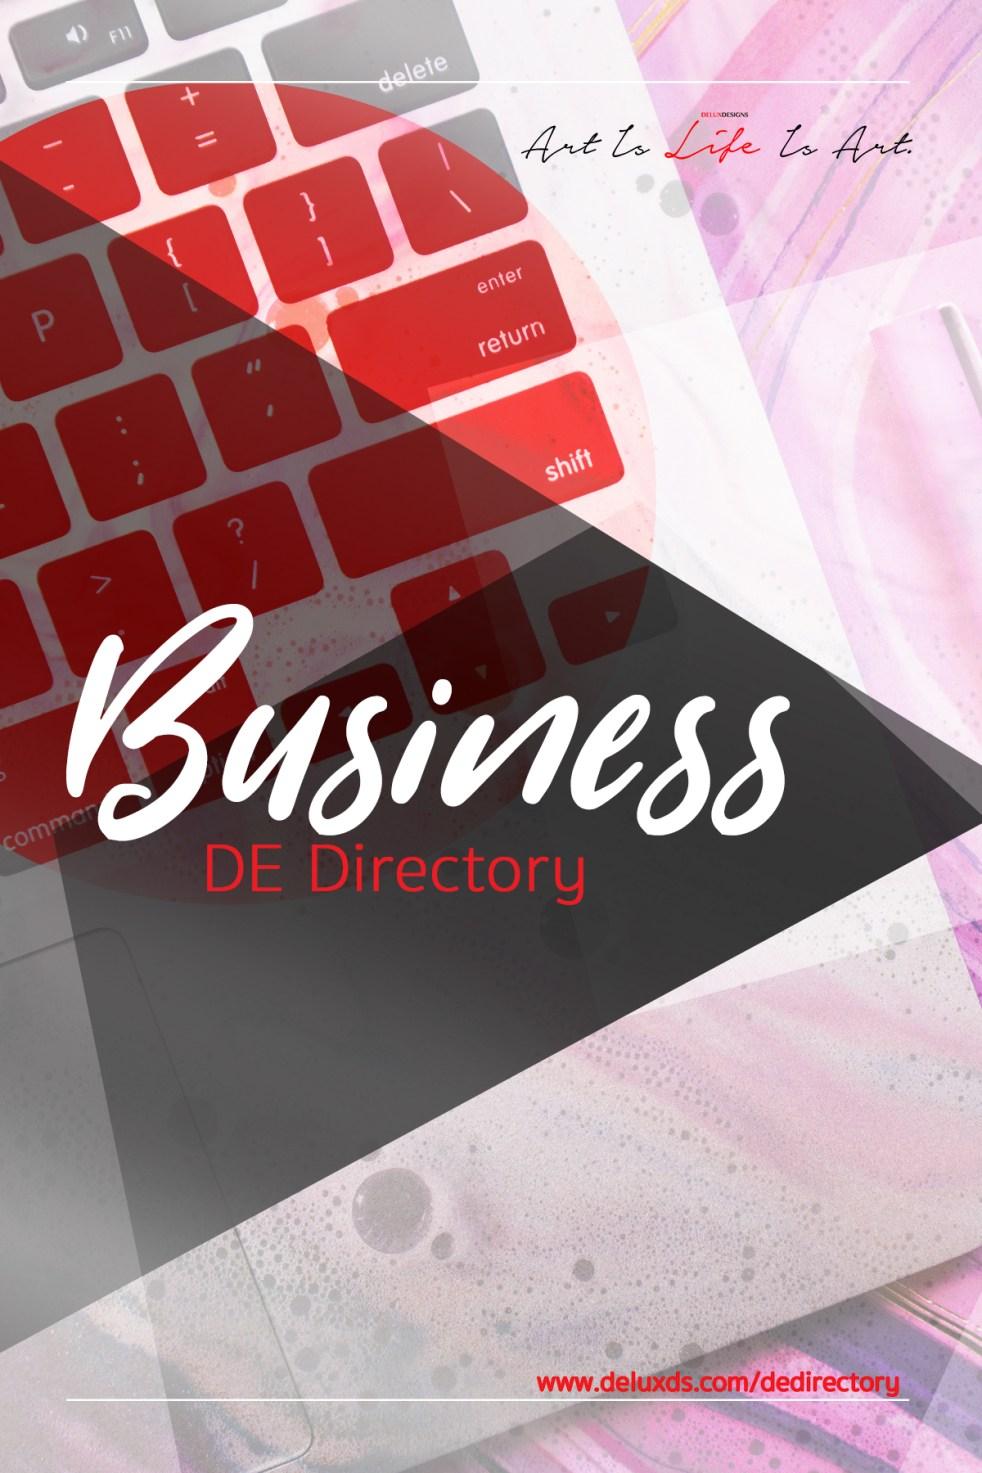 DE Directory - Business Pinterest